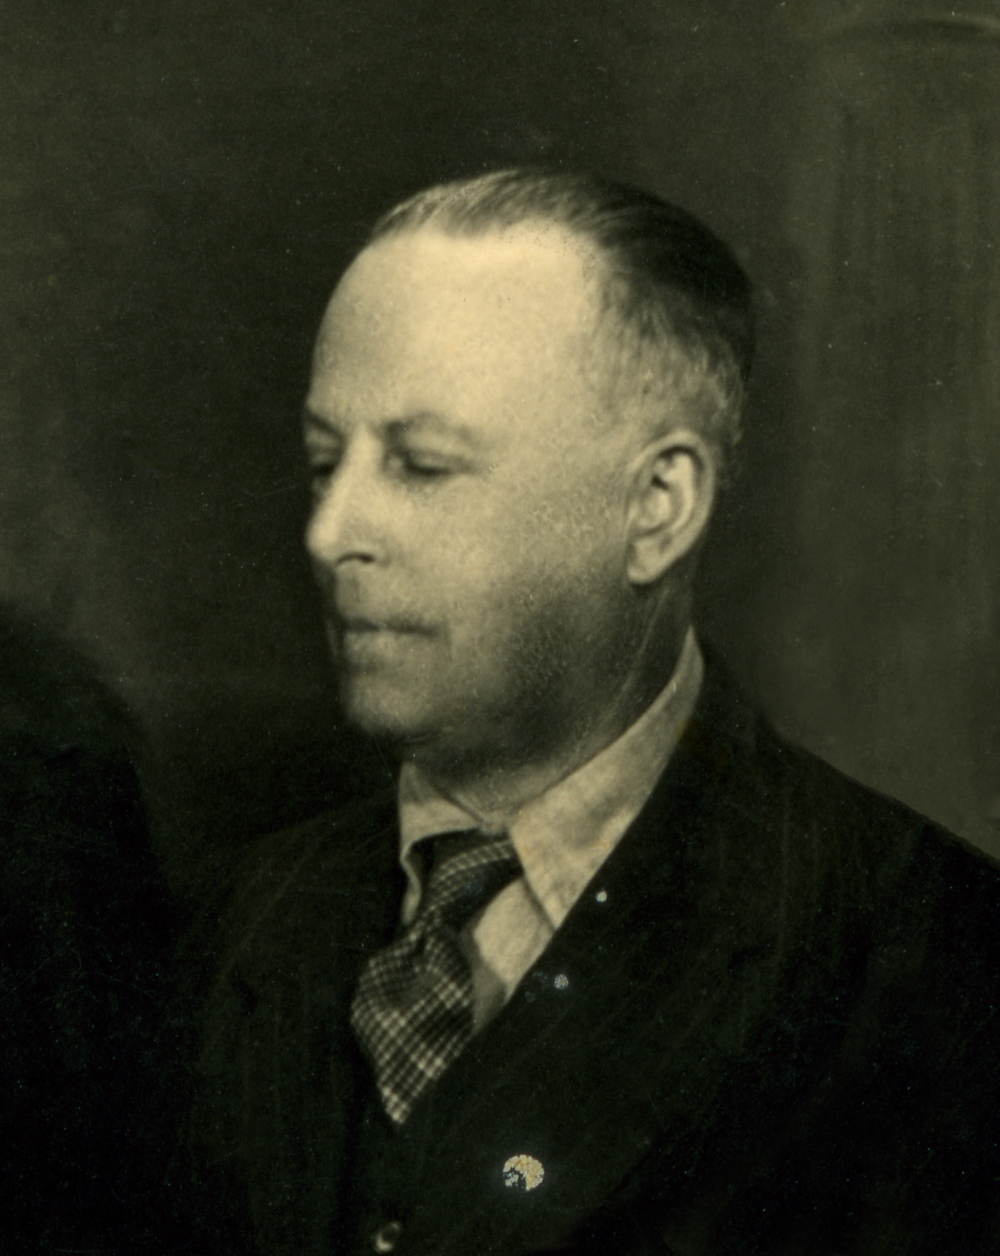 Pietro Dal Molin